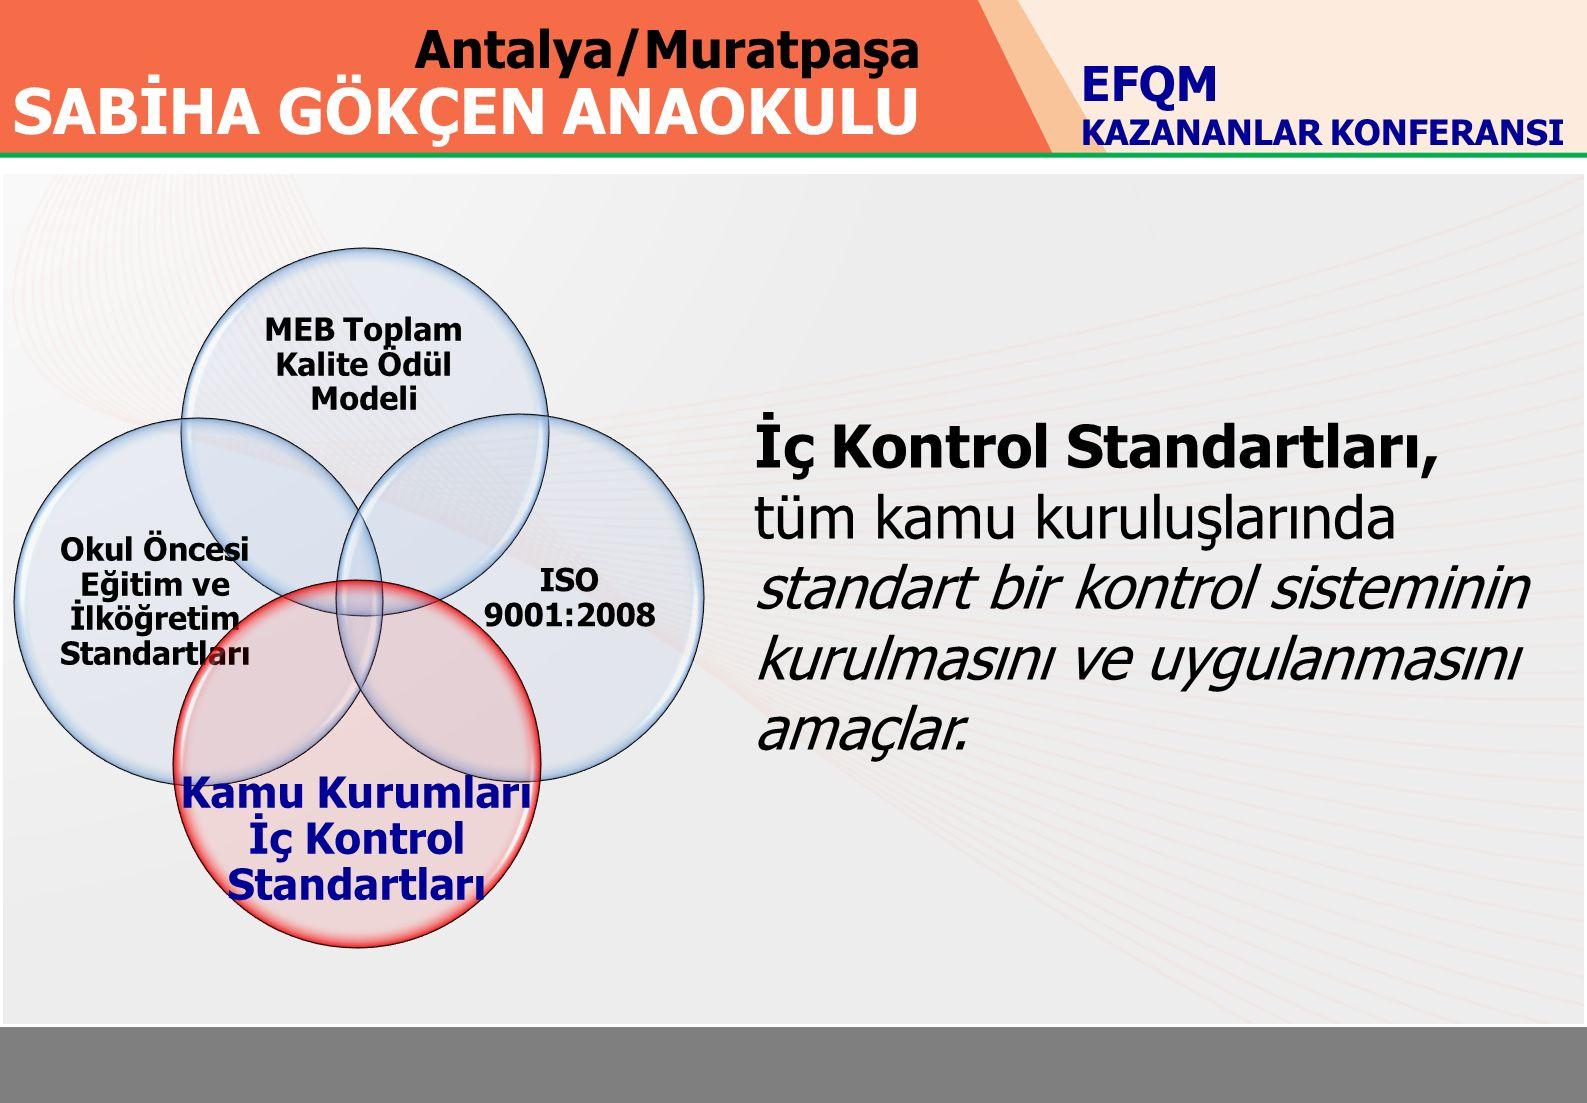 Antalya/Muratpaşa SABİHA GÖKÇEN ANAOKULU MEB Toplam Kalite Ödül Modeli Okul Öncesi Eğitim ve İlköğretim Standartları ISO 9001:2008 Kamu Kurumları İç Kontrol Standartları İç Kontrol Standartları, tüm kamu kuruluşlarında standart bir kontrol sisteminin kurulmasını ve uygulanmasını amaçlar.